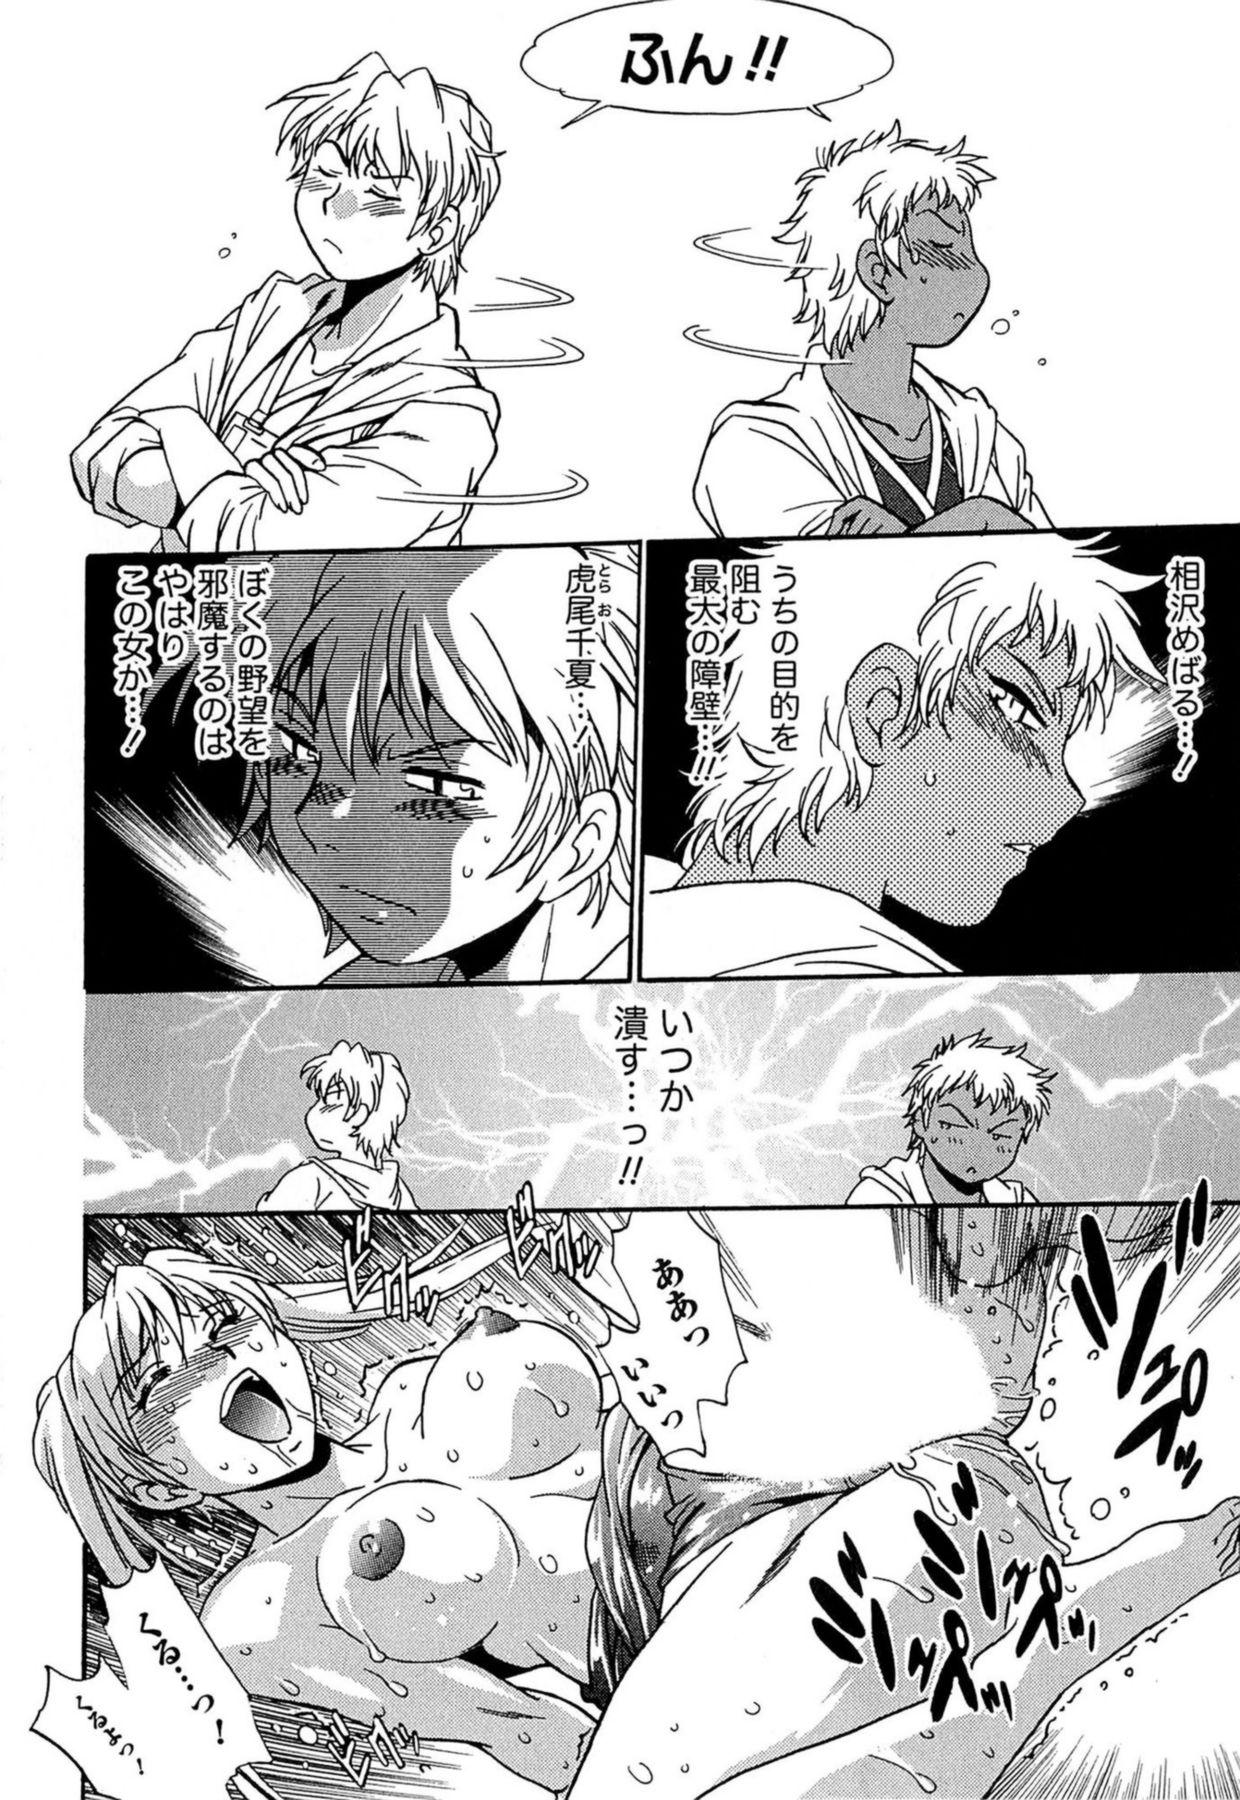 Kuikomi wo Naoshiteru Hima wa Nai! Vol. 1 68